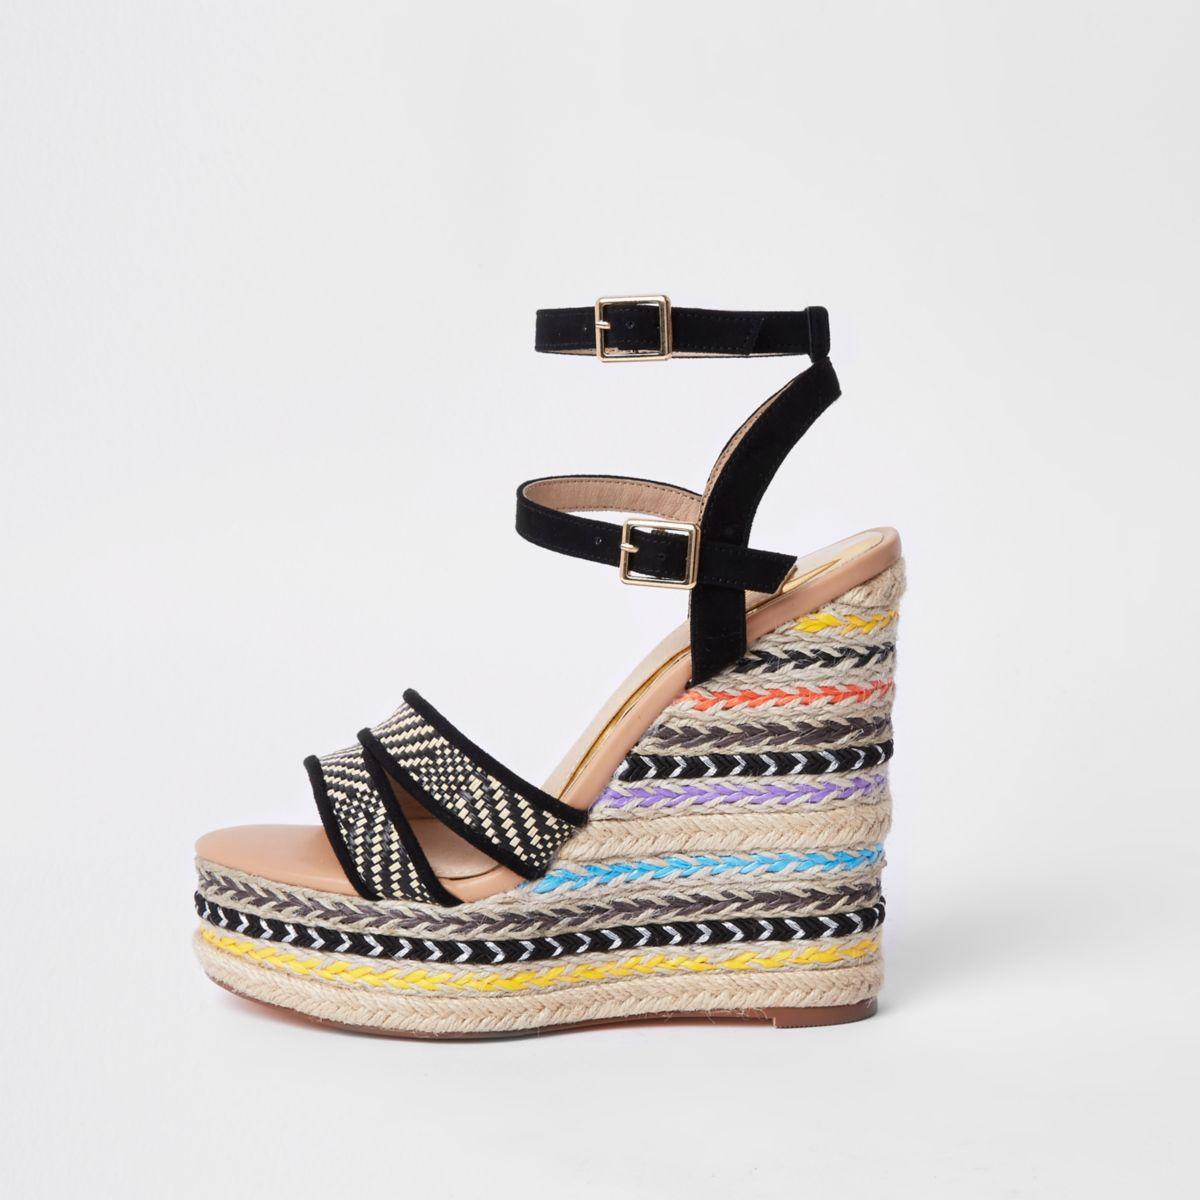 River Island Chaussures style espadrille rayées noires à talons compensés